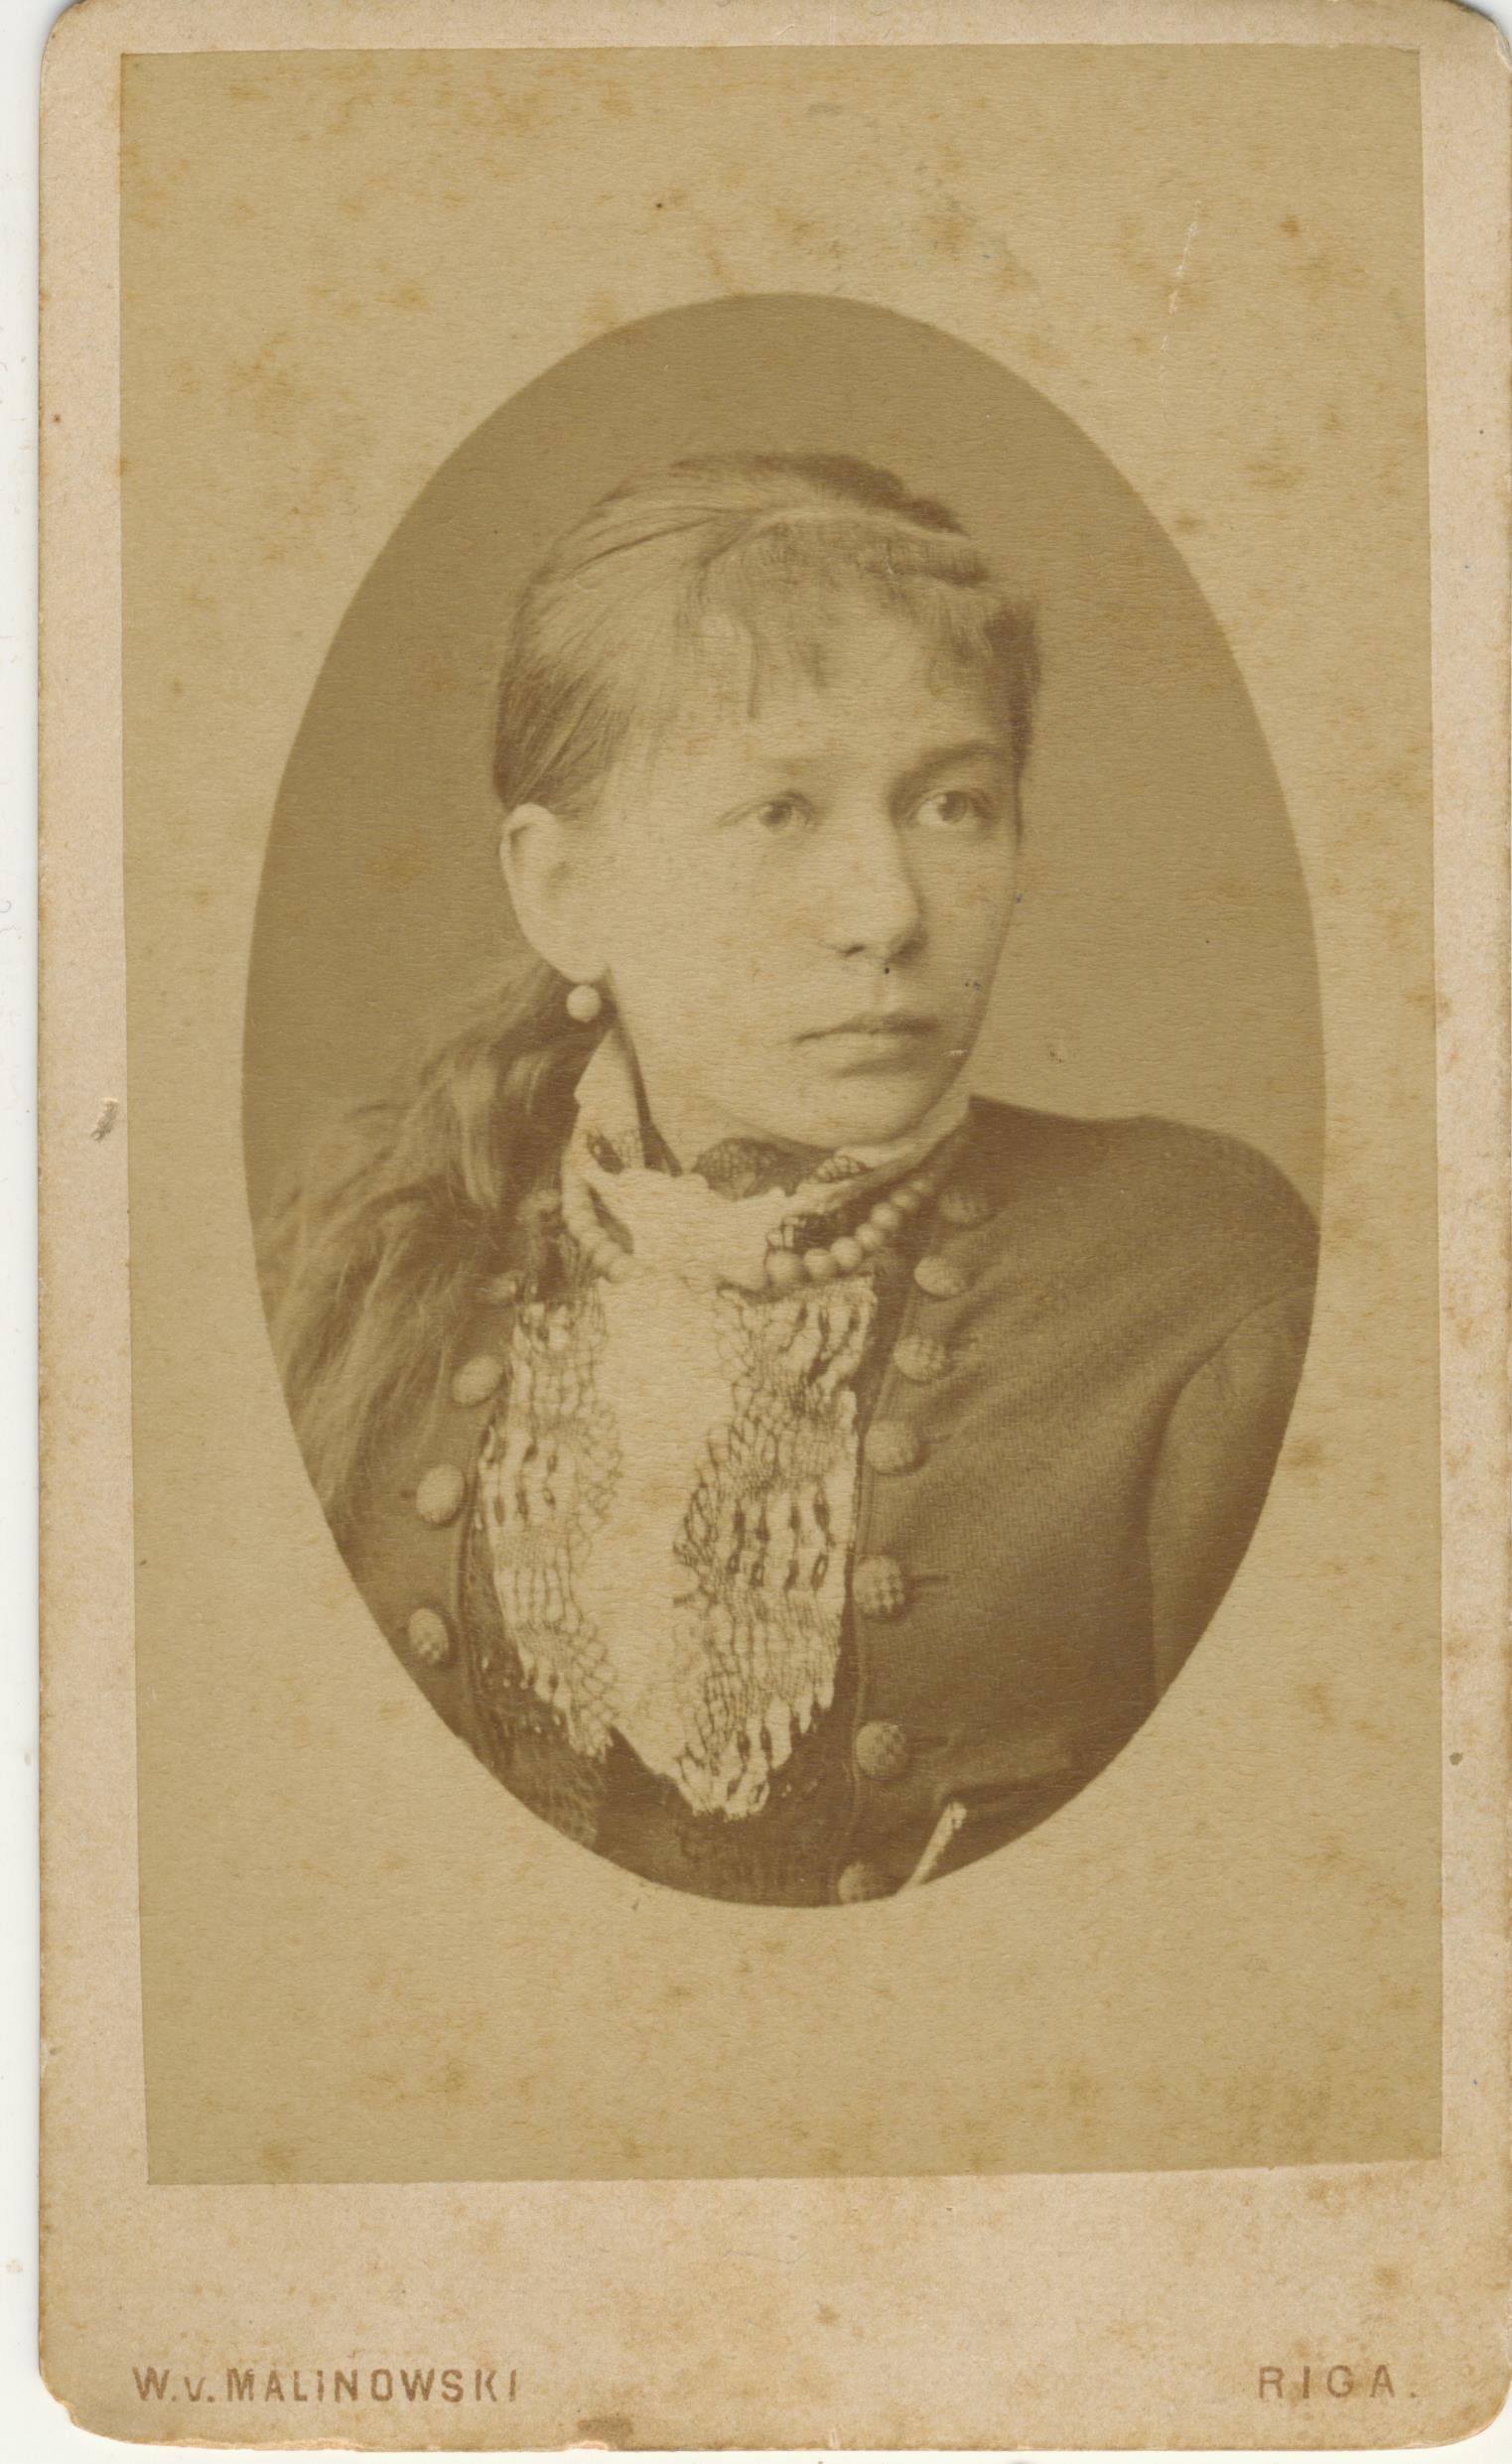 G. Petkevičaitė 1877 m. V. Malinovskio nuotrauka iš  Maironio lietuvių literatūros muziejaus archyvo